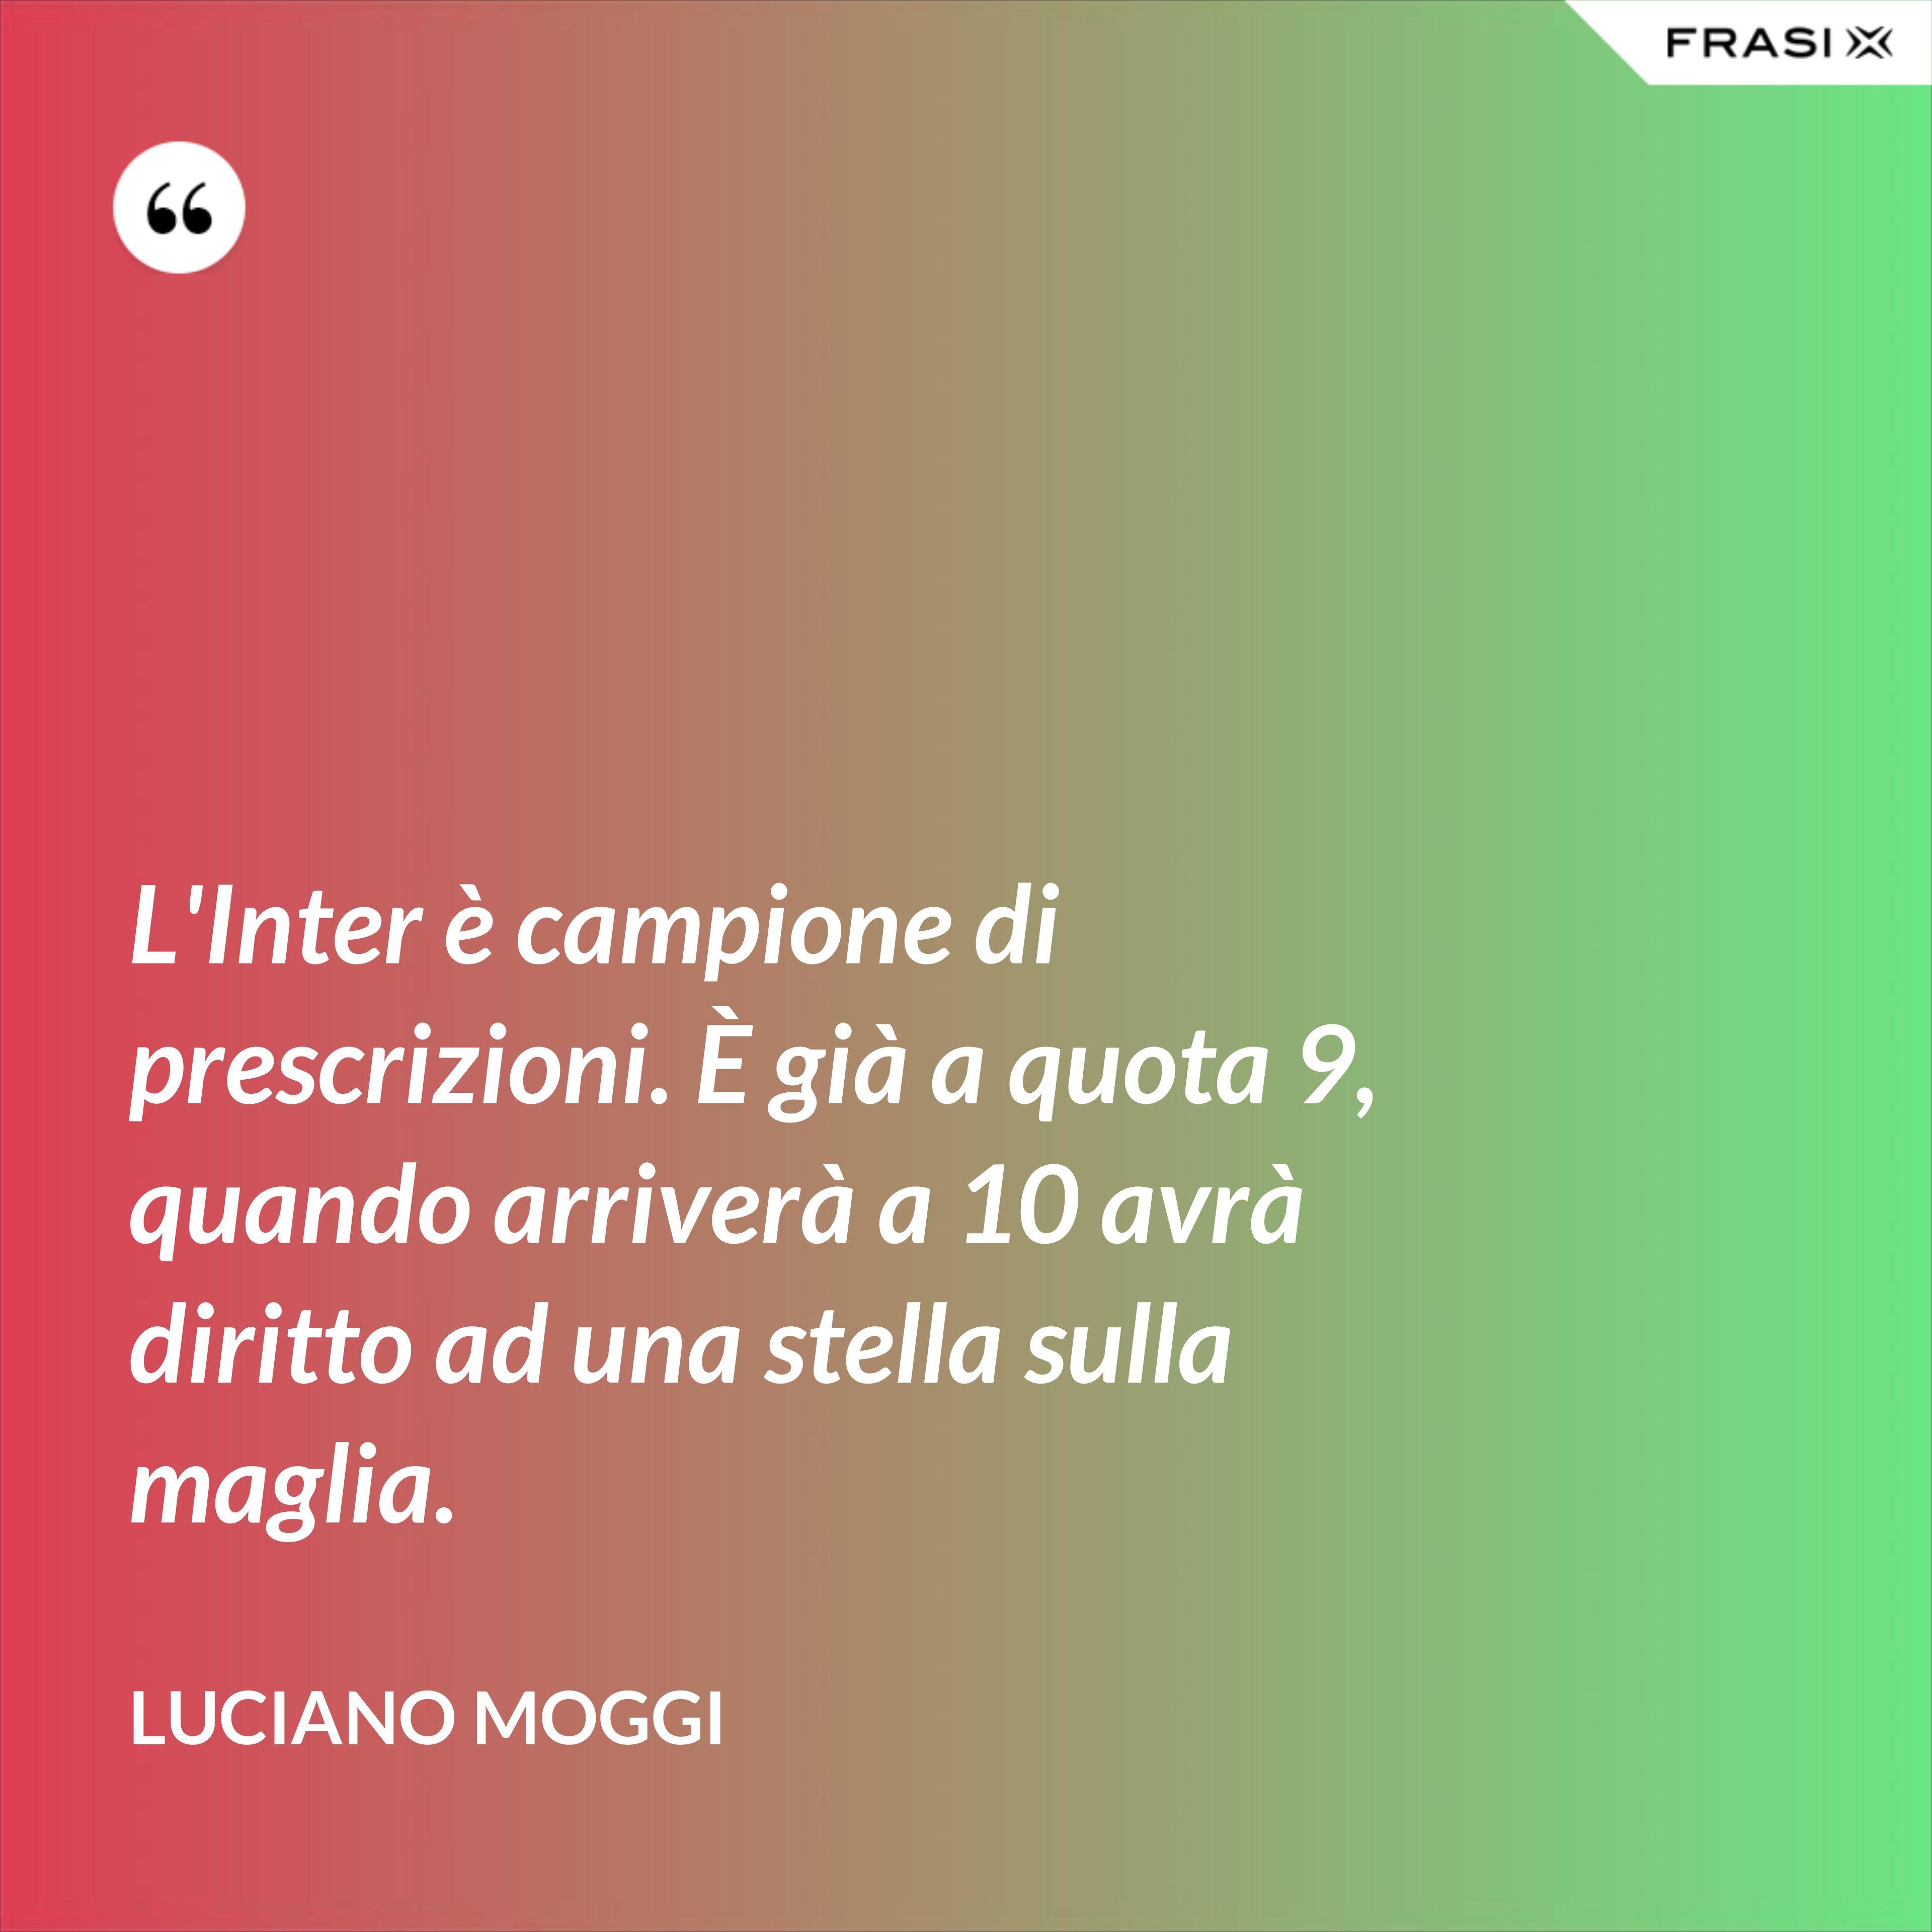 L'Inter è campione di prescrizioni. È già a quota 9, quando arriverà a 10 avrà diritto ad una stella sulla maglia. - Luciano Moggi